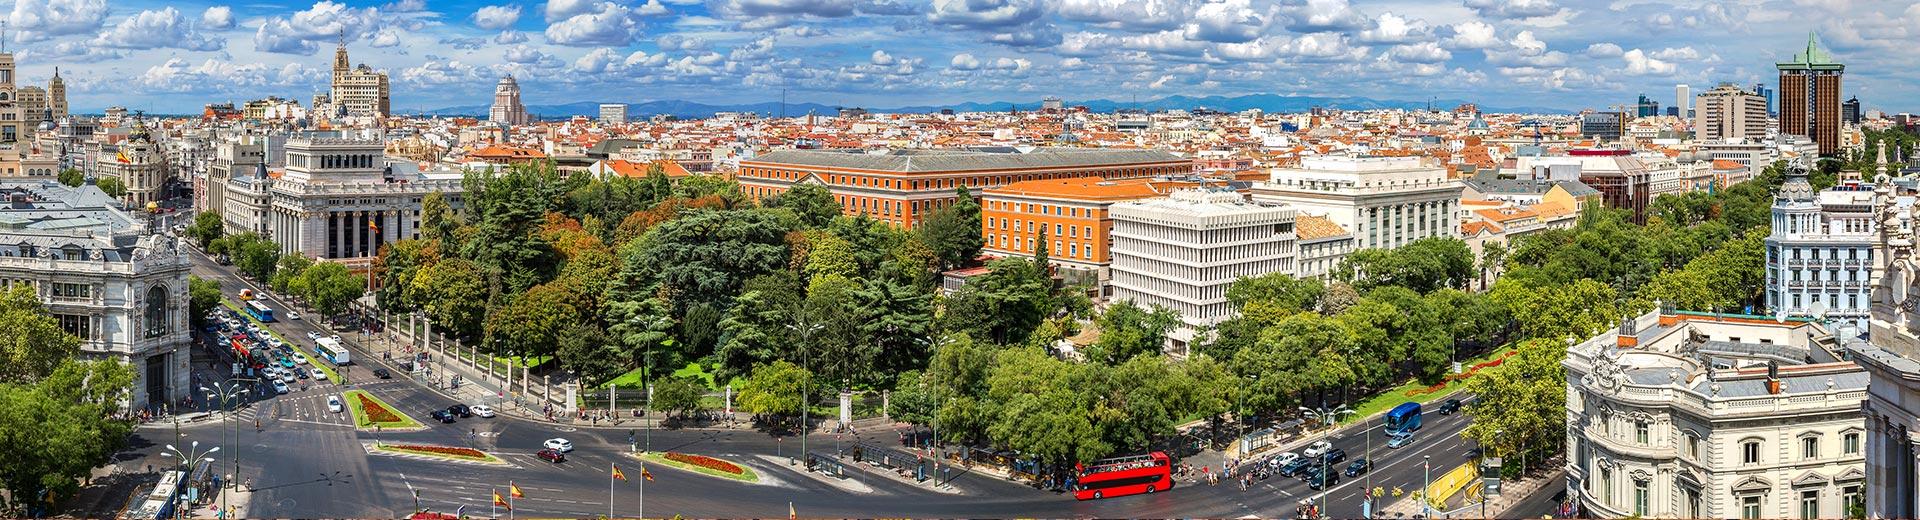 Voyage en groupe Milan - offre économique train